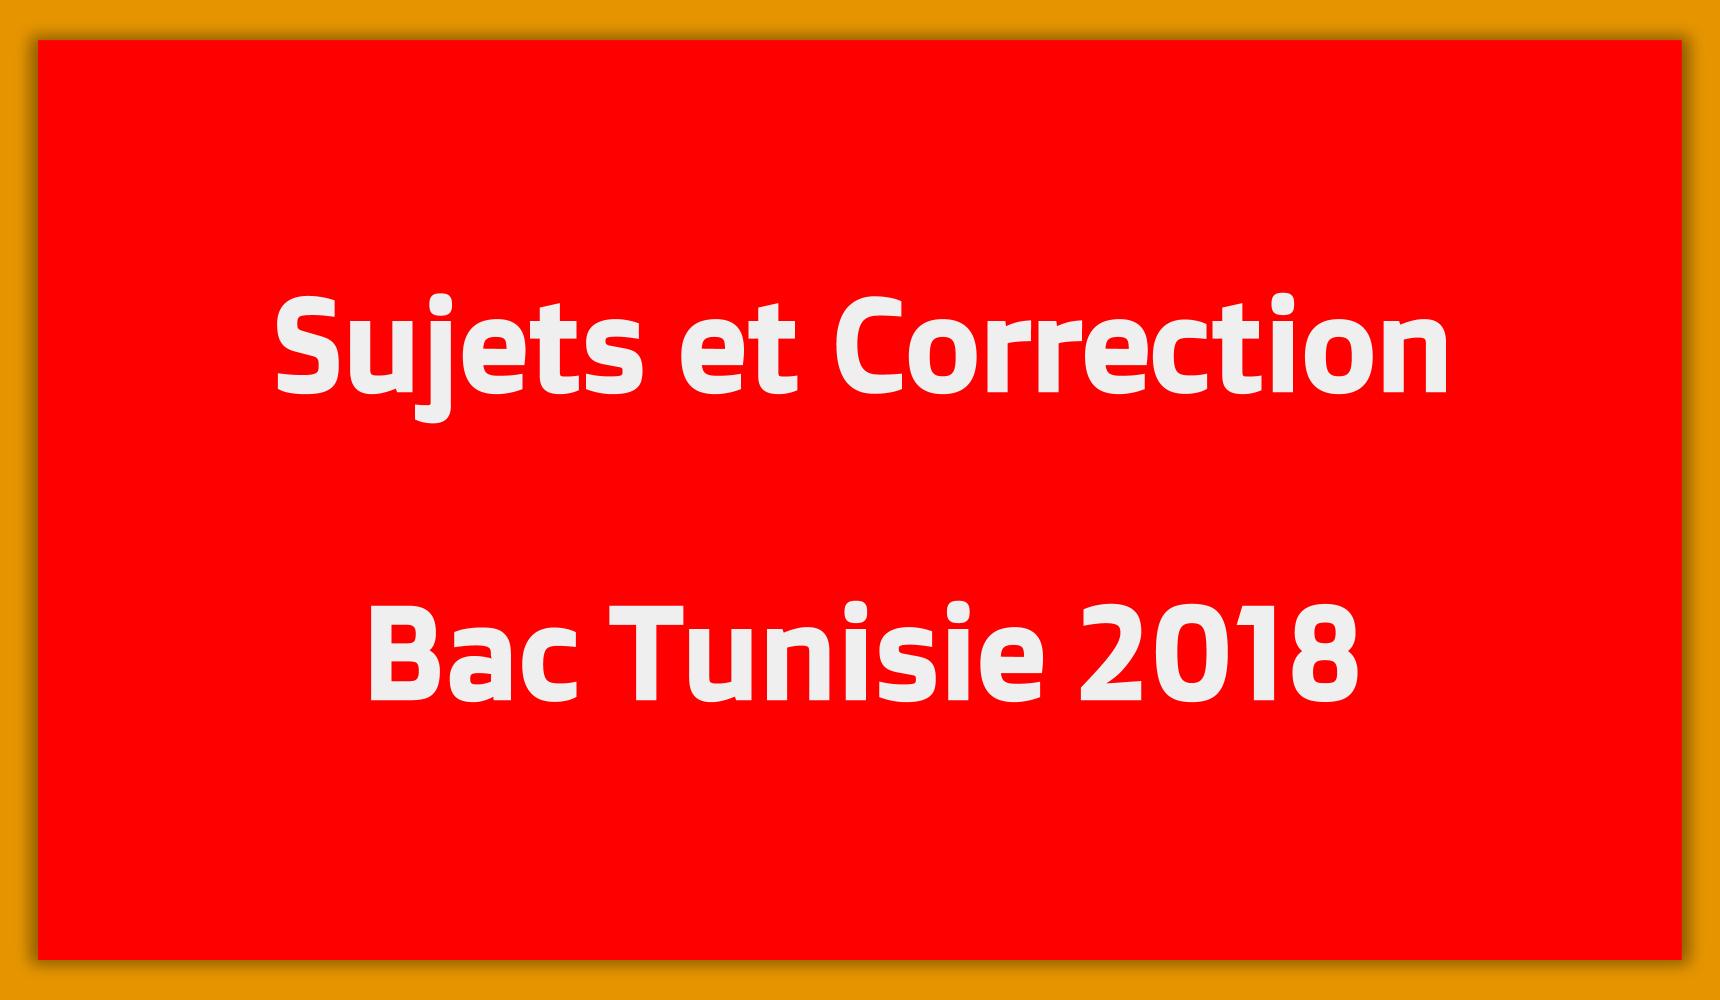 Sujets Et Correction Bac Tunisie 2018 Concours En Tunisie